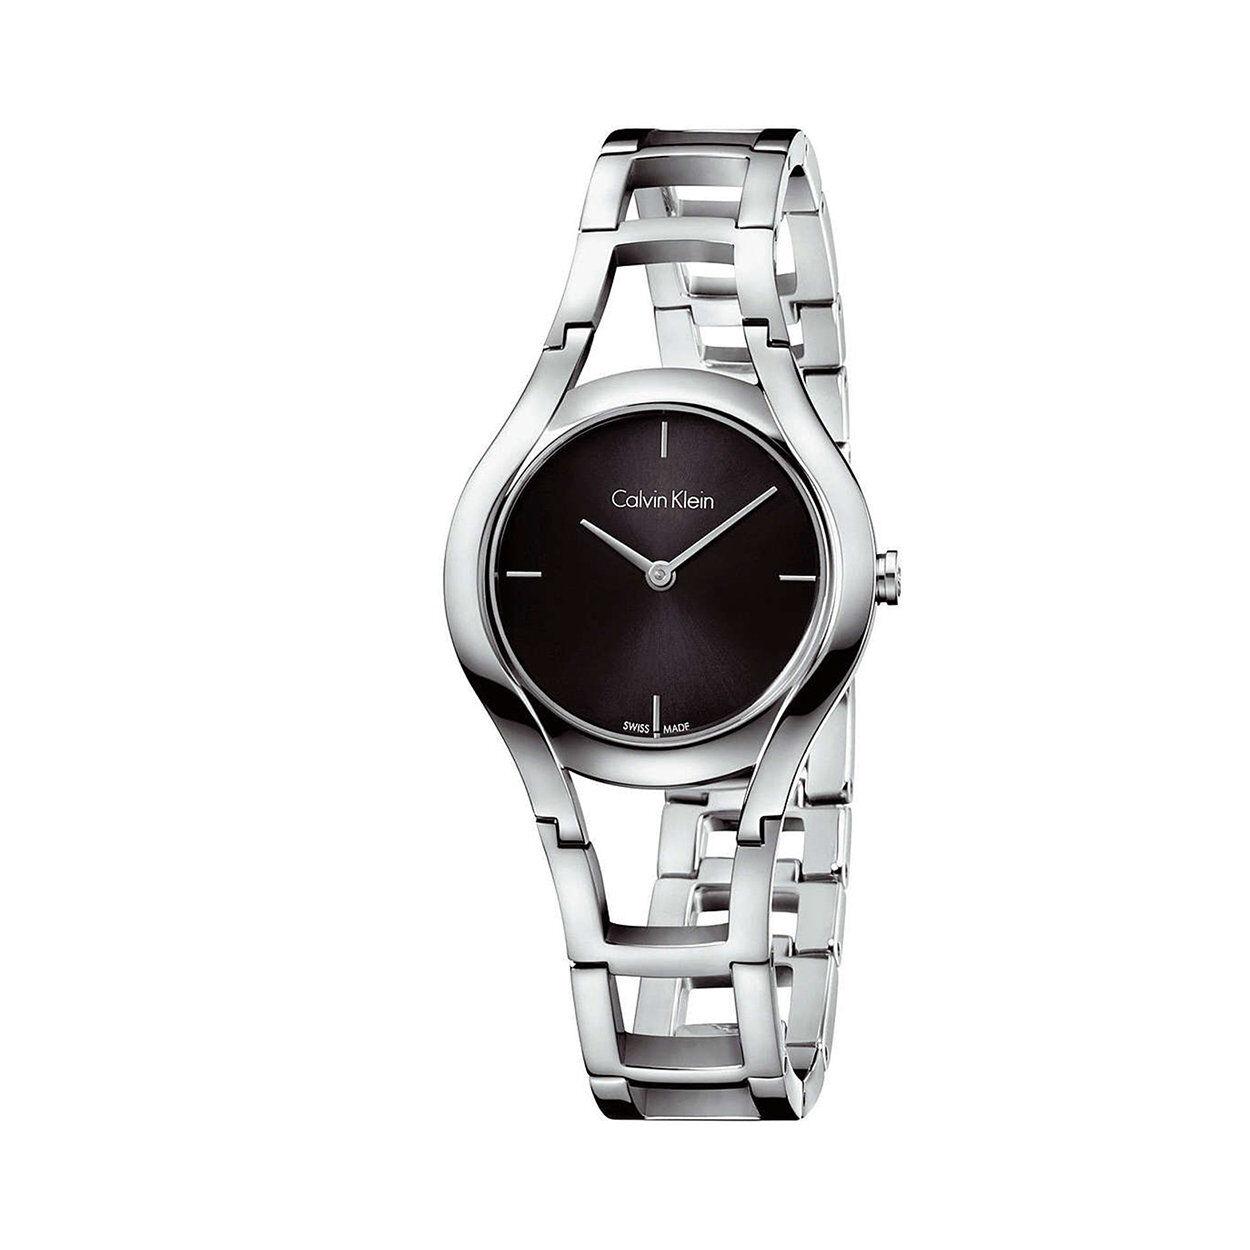 calvin klein orologio da polso calvin klein donna con cinturino in acciaio con quadrante nero